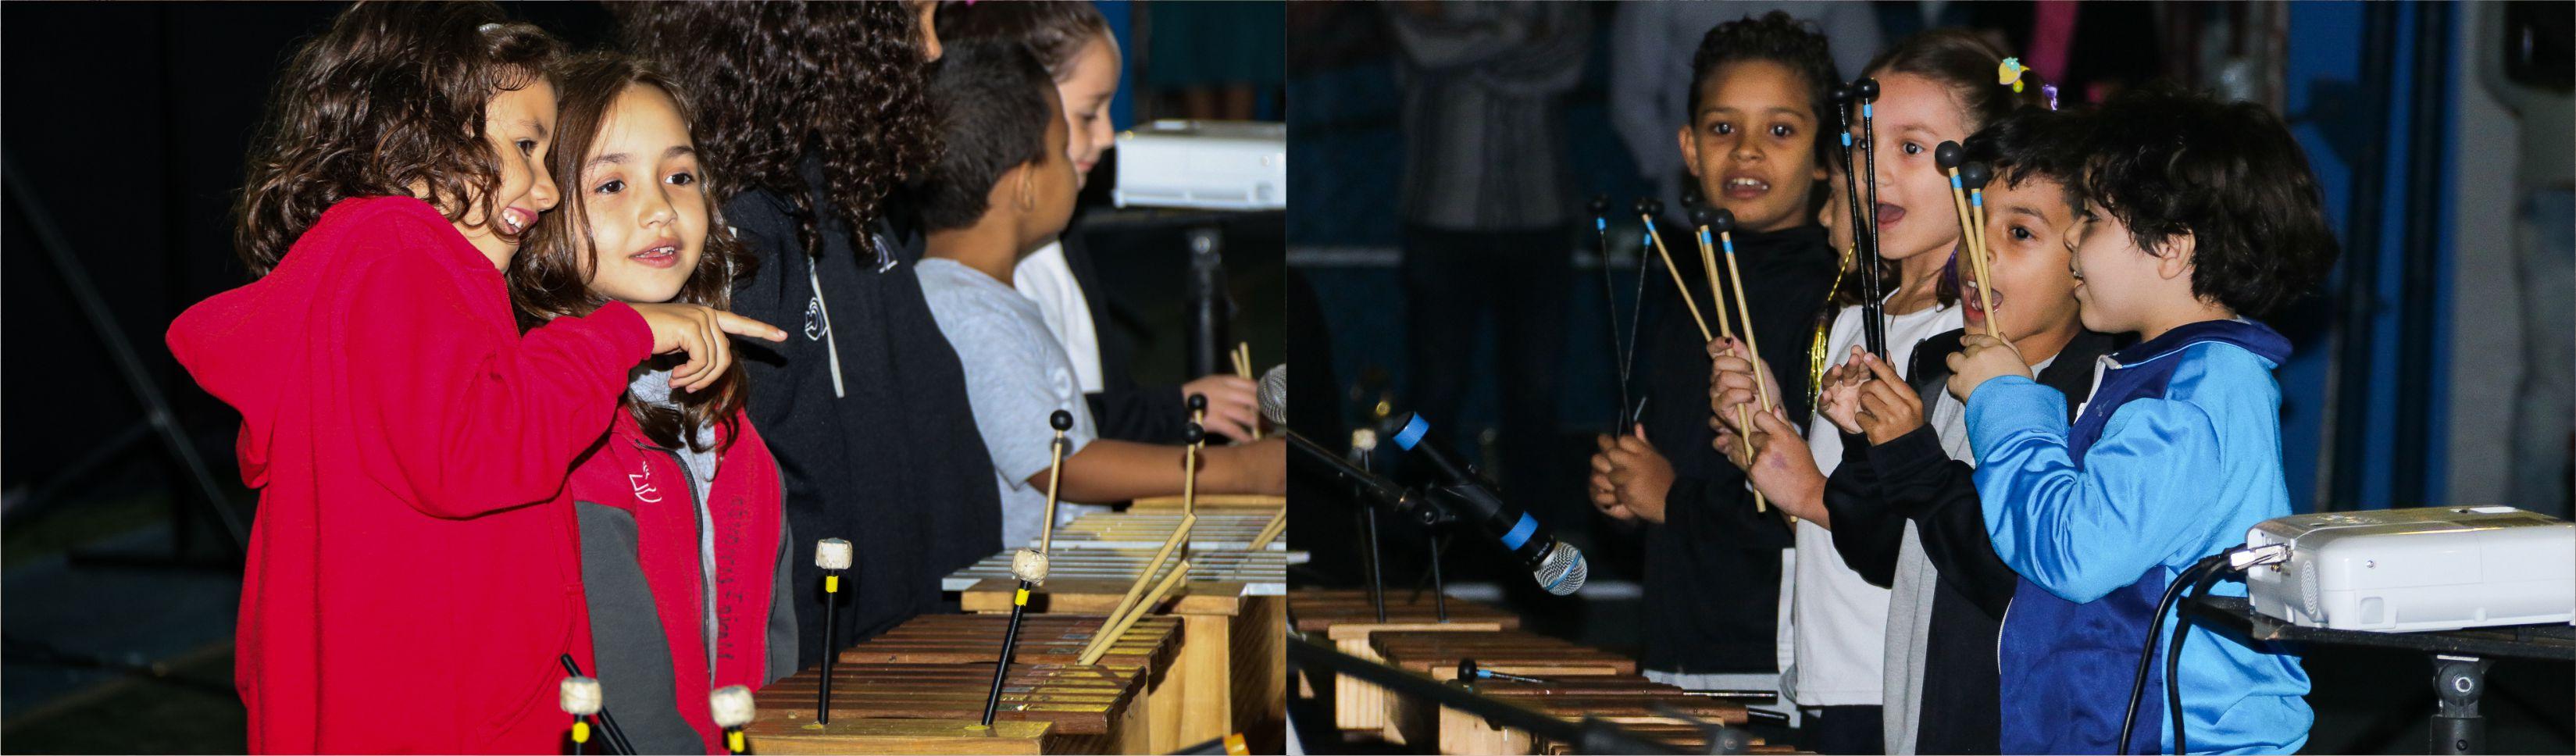 Sétima Mostra de Música do Fundamental do Certus faz apresentação de brincadeira musical com a evolução do instrumental orff de percussão e participação de convidados